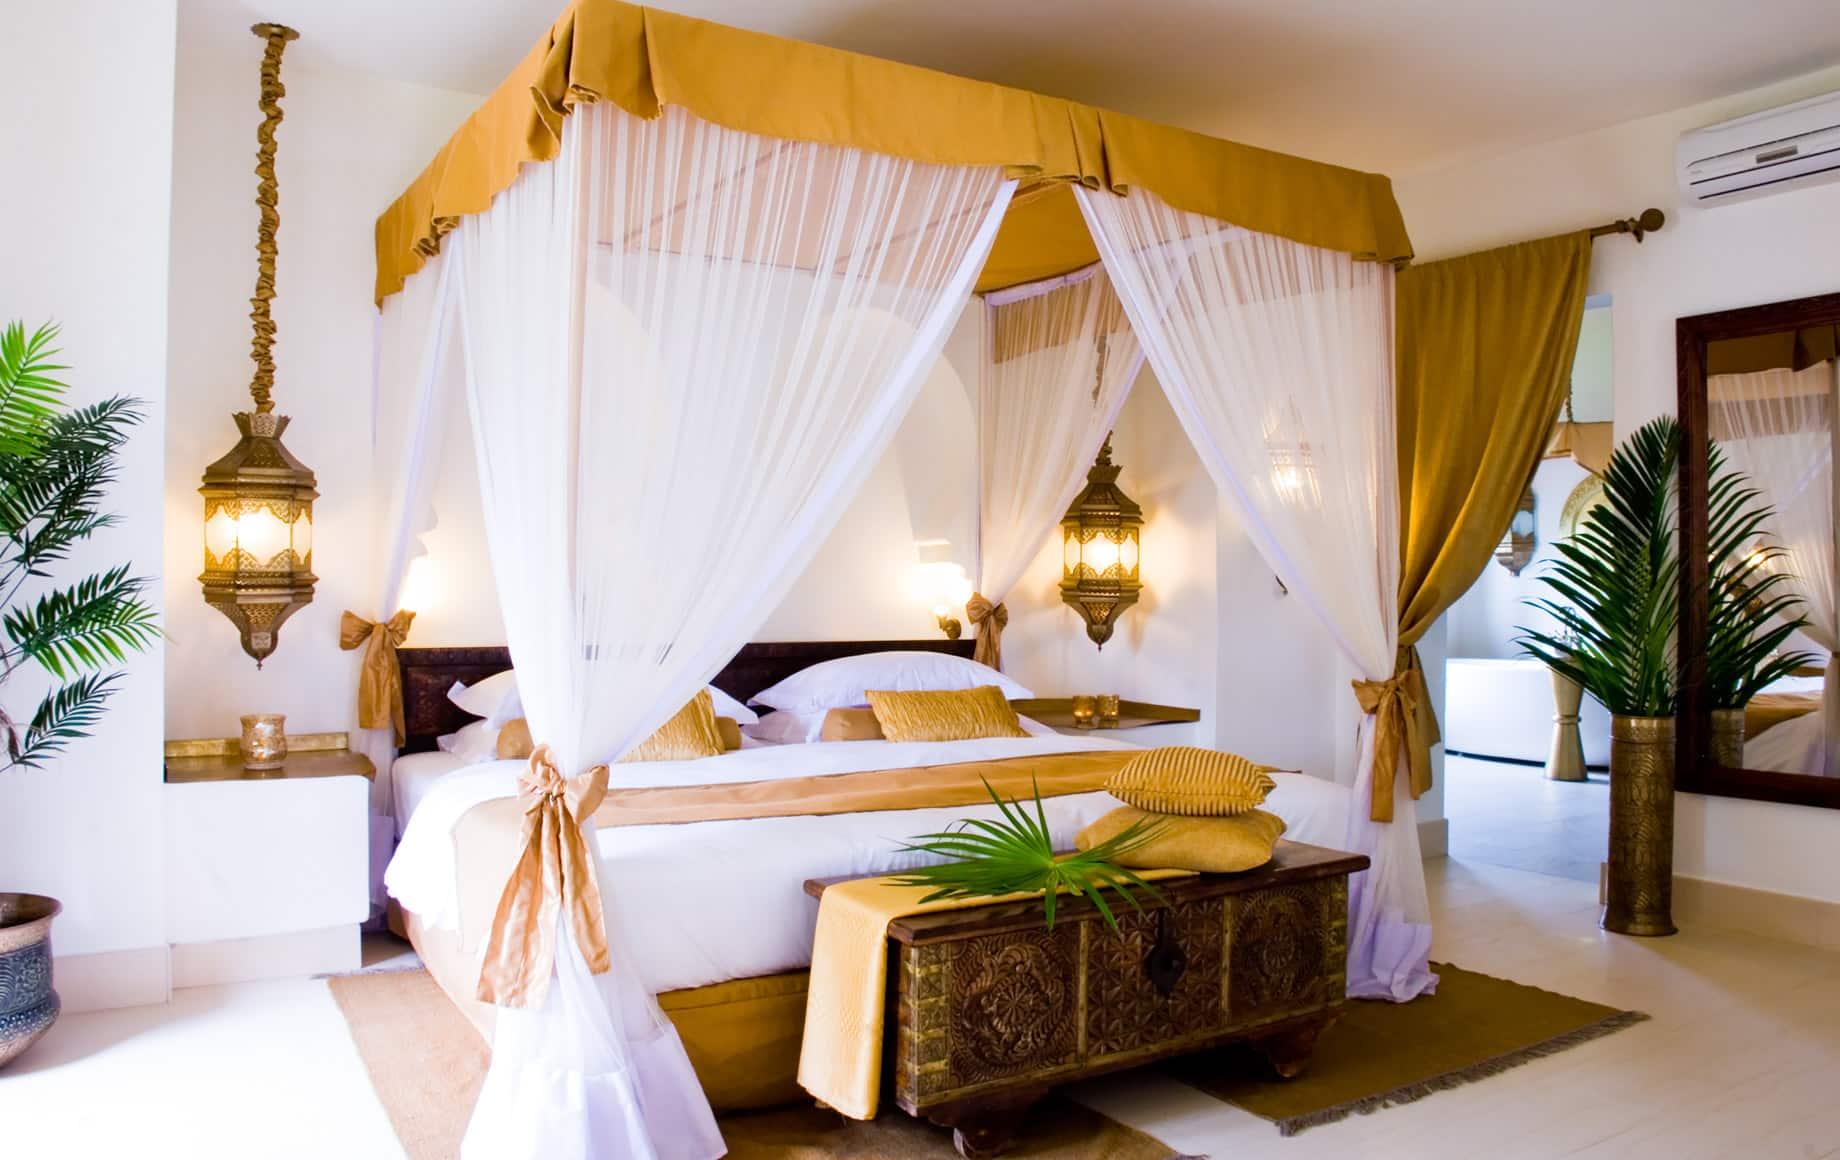 Interior of bedroom at Baraza Resort & Spa